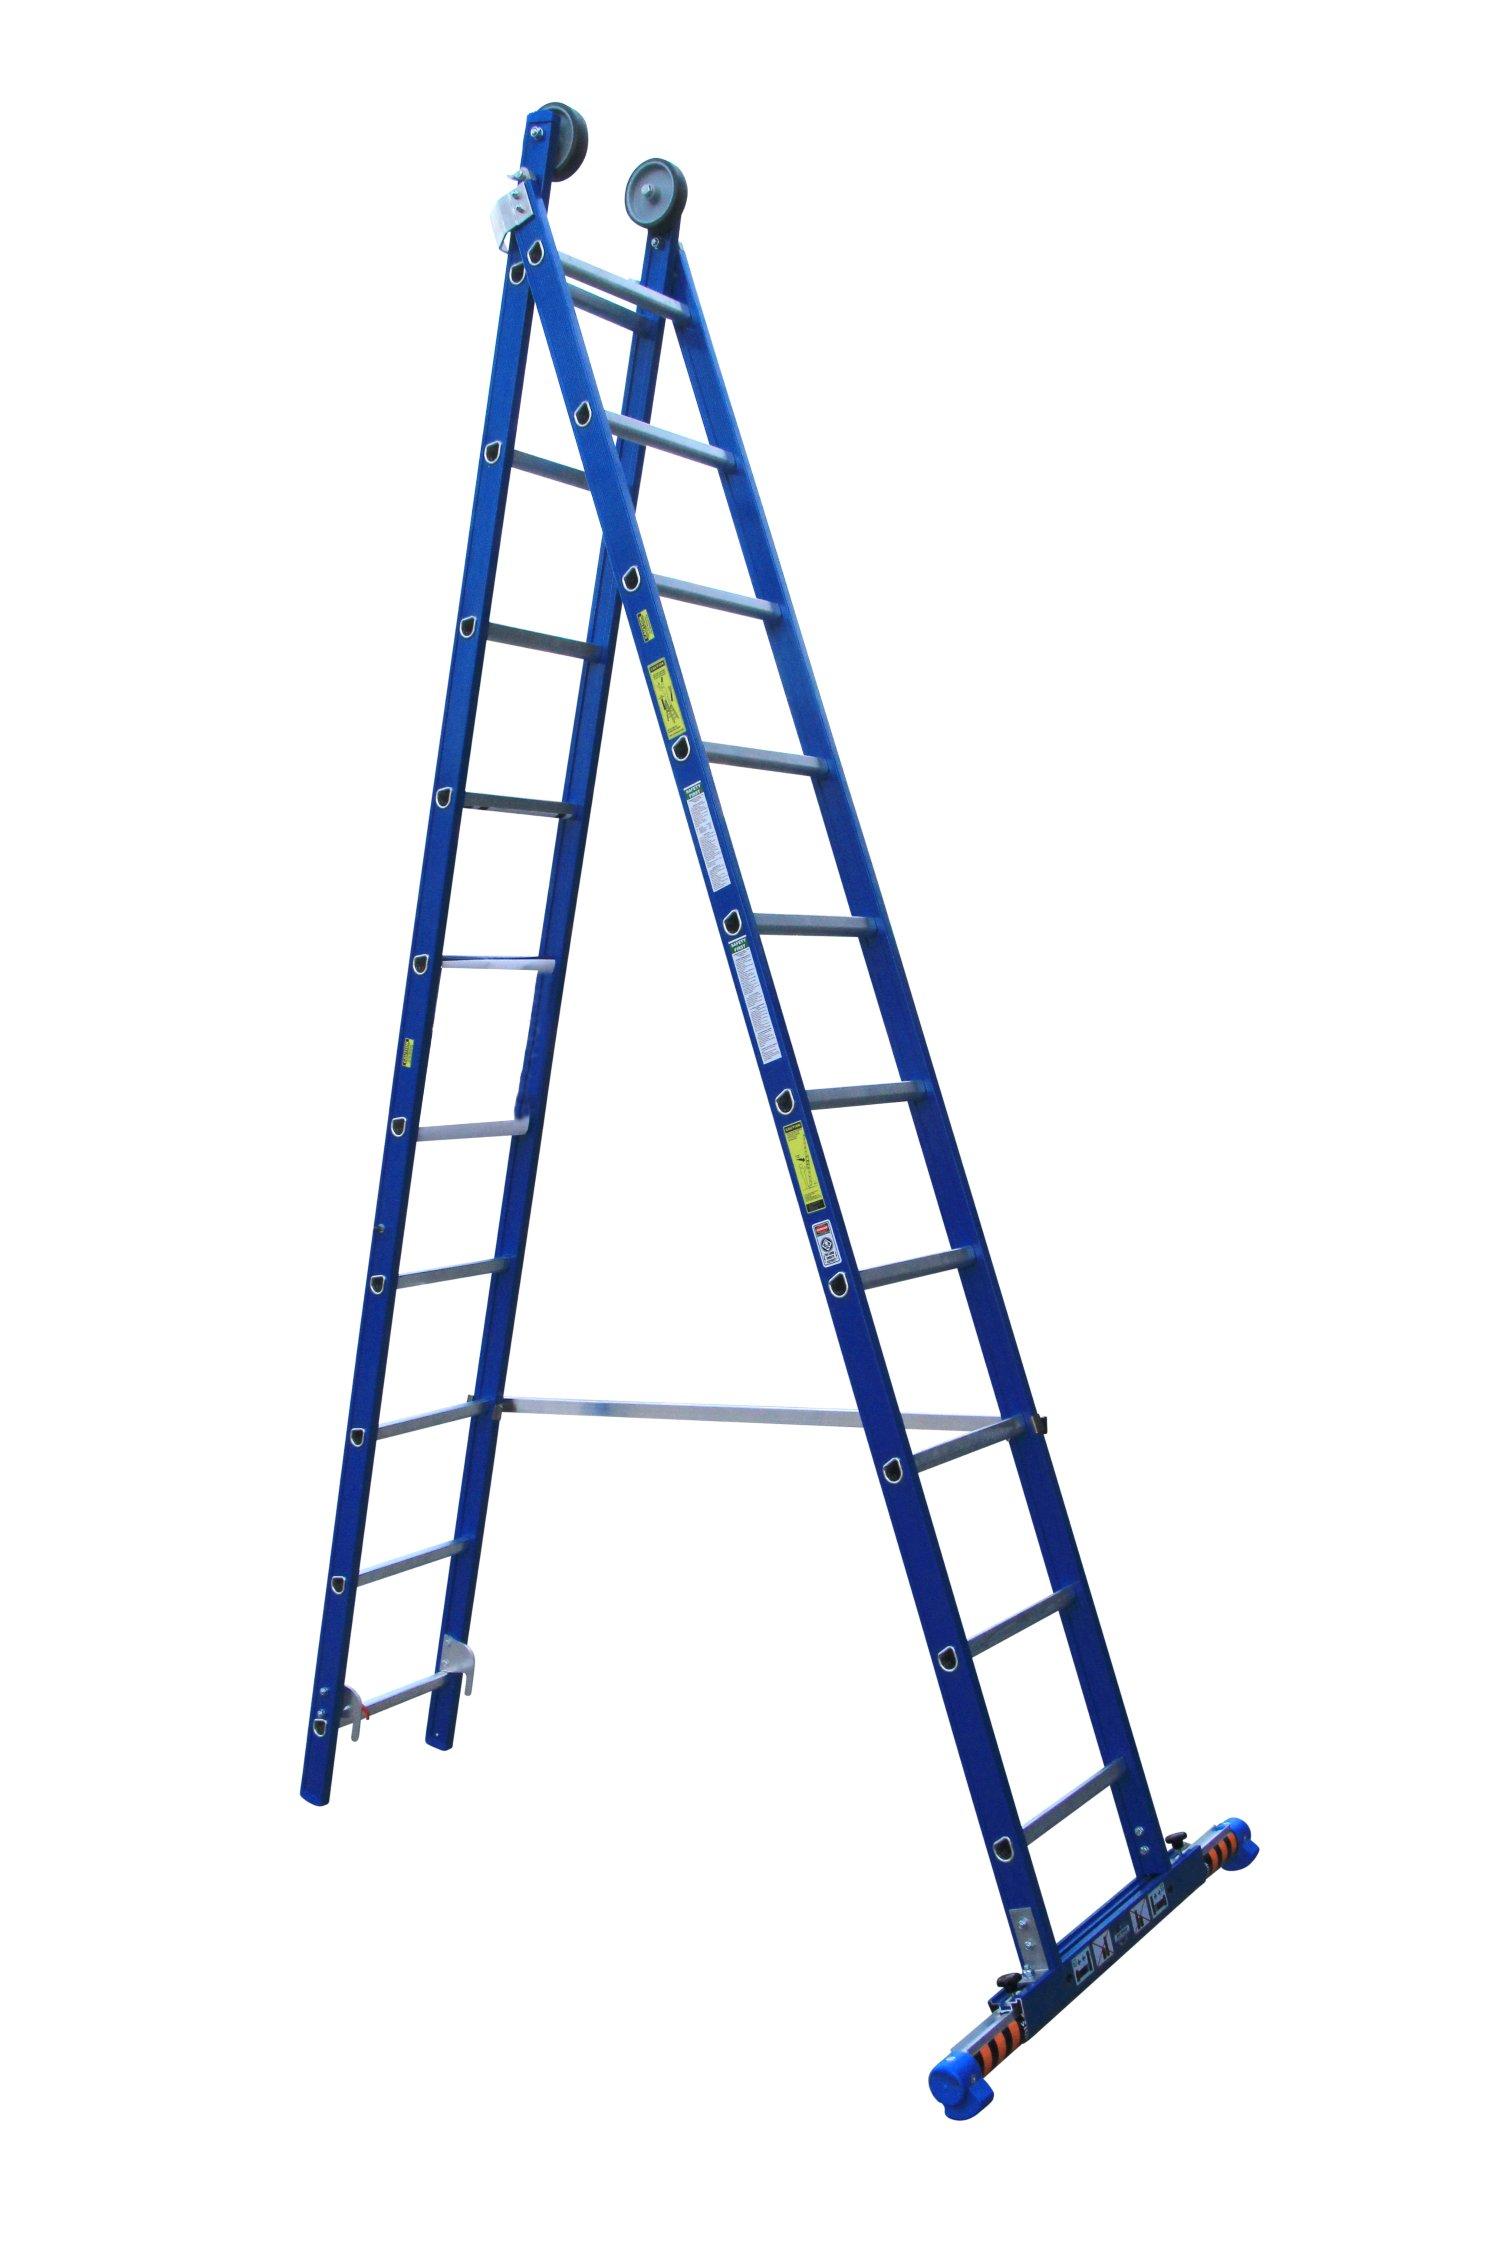 Afbeelding van ASC 200214 XD Ladder 2x10 niveaus recht met stabilisatiebalk